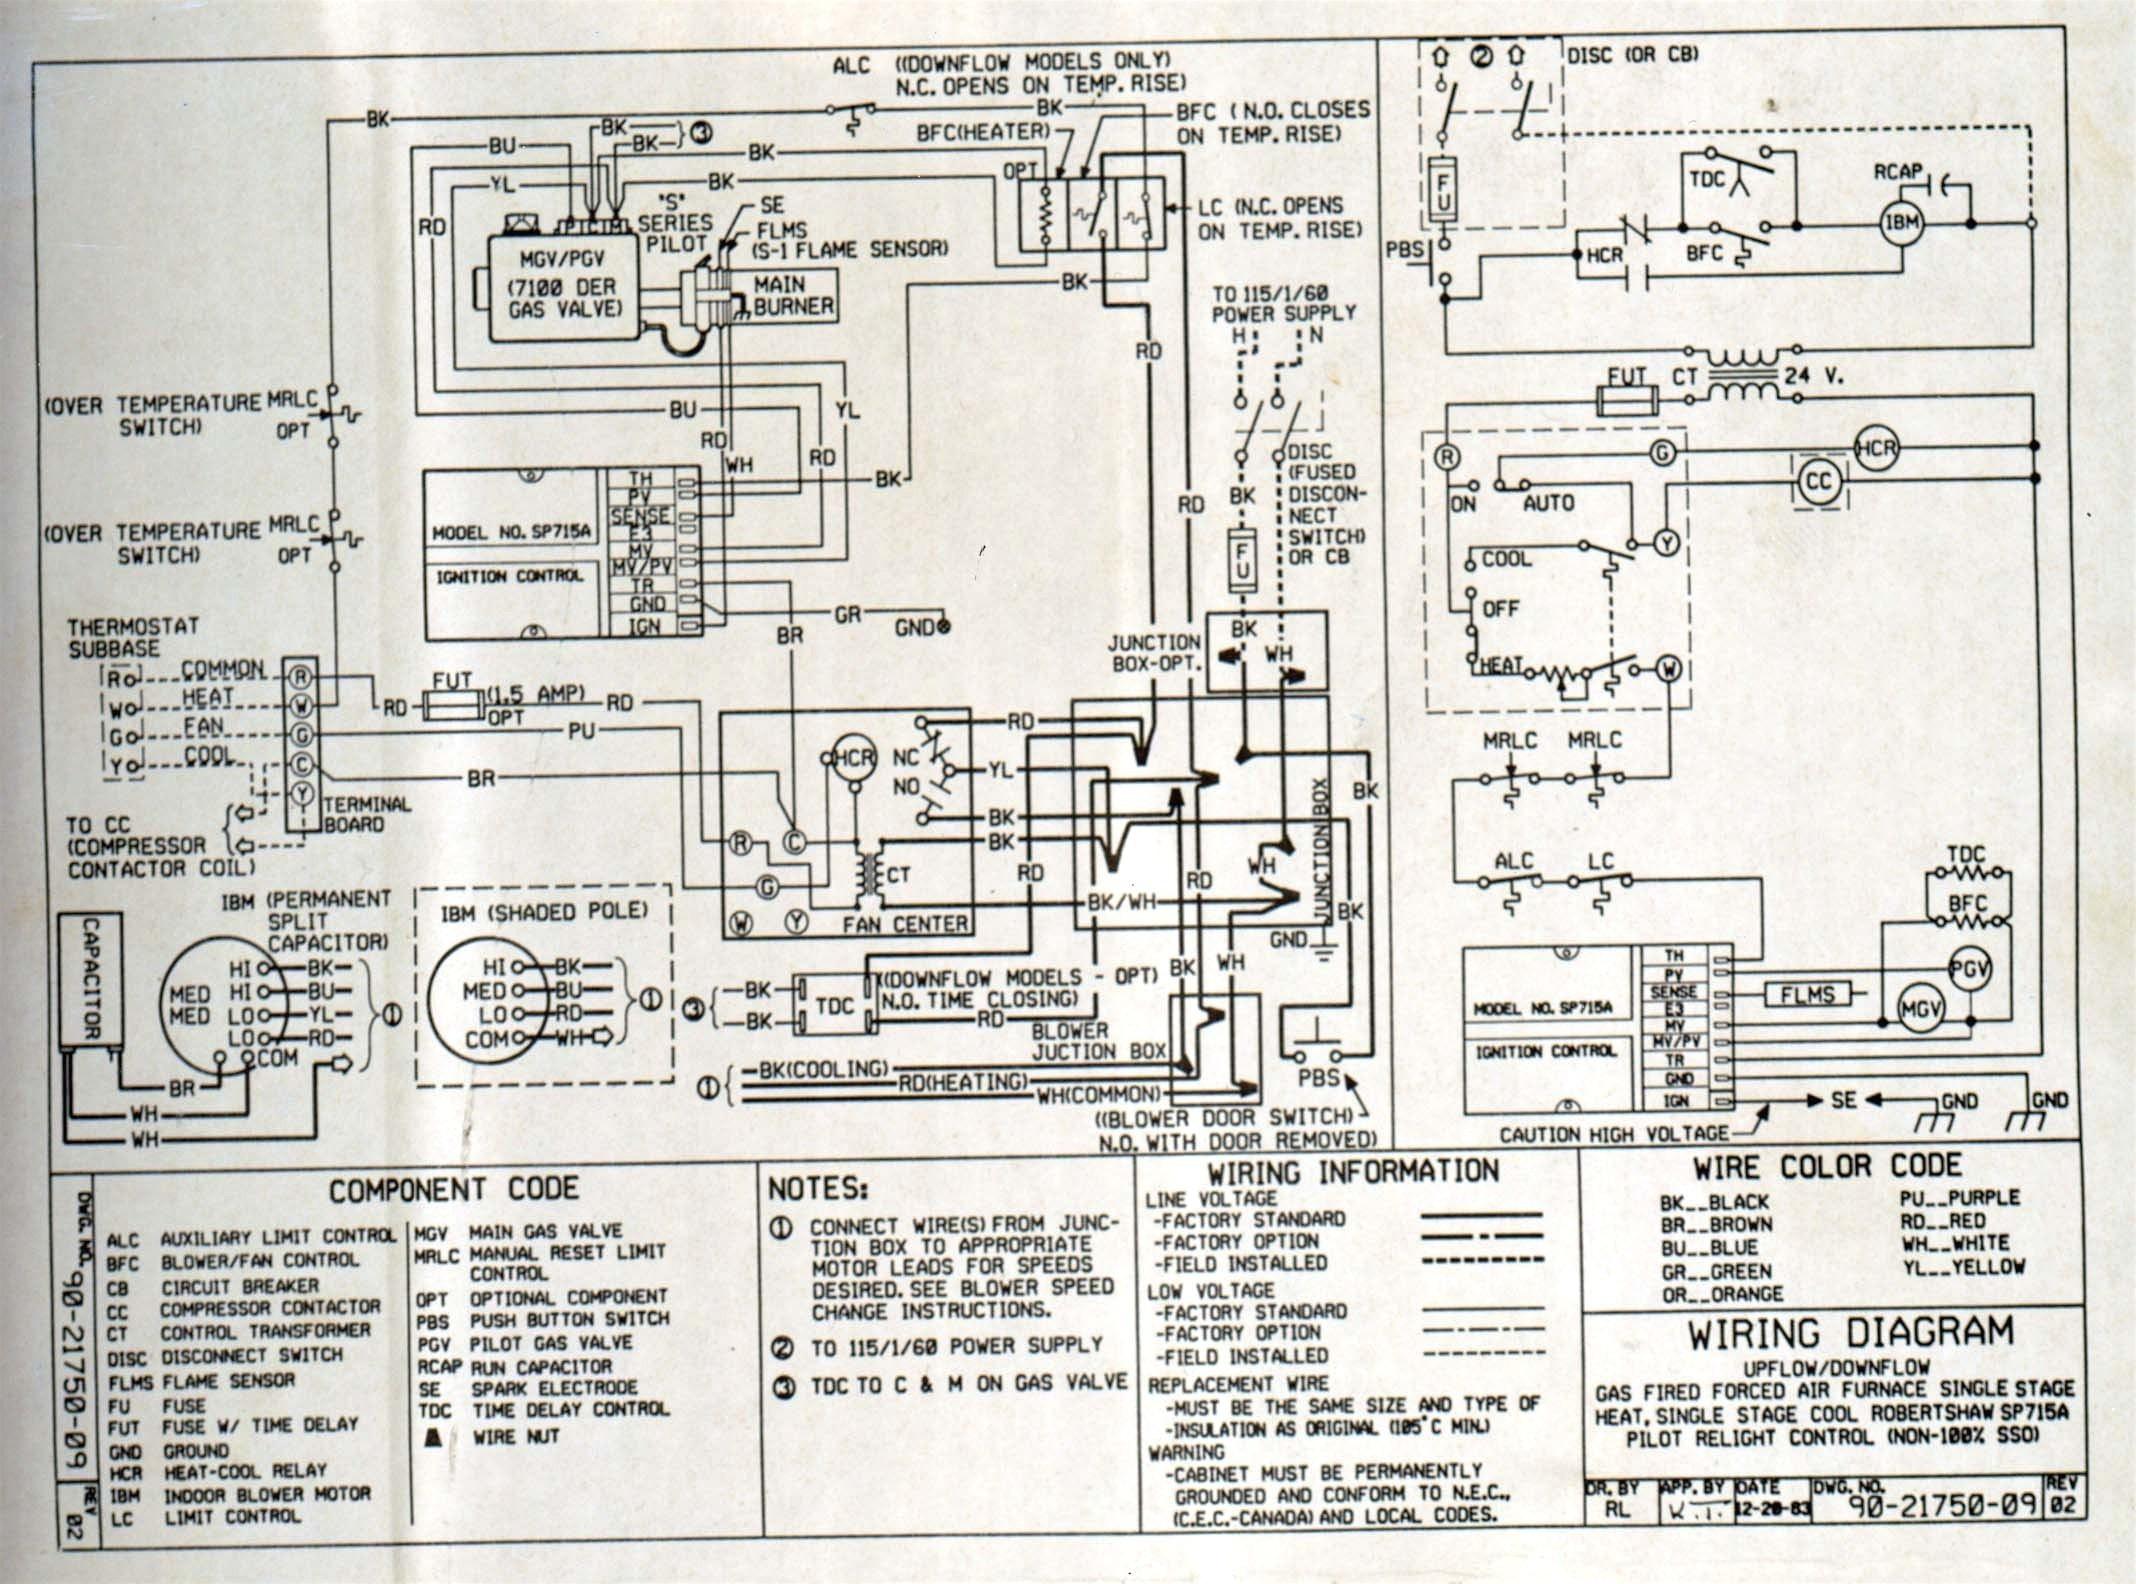 Goodman Aruf Air Handler Wiring Diagram | Wiring Diagram - Goodman Aruf Air Handler Wiring Diagram